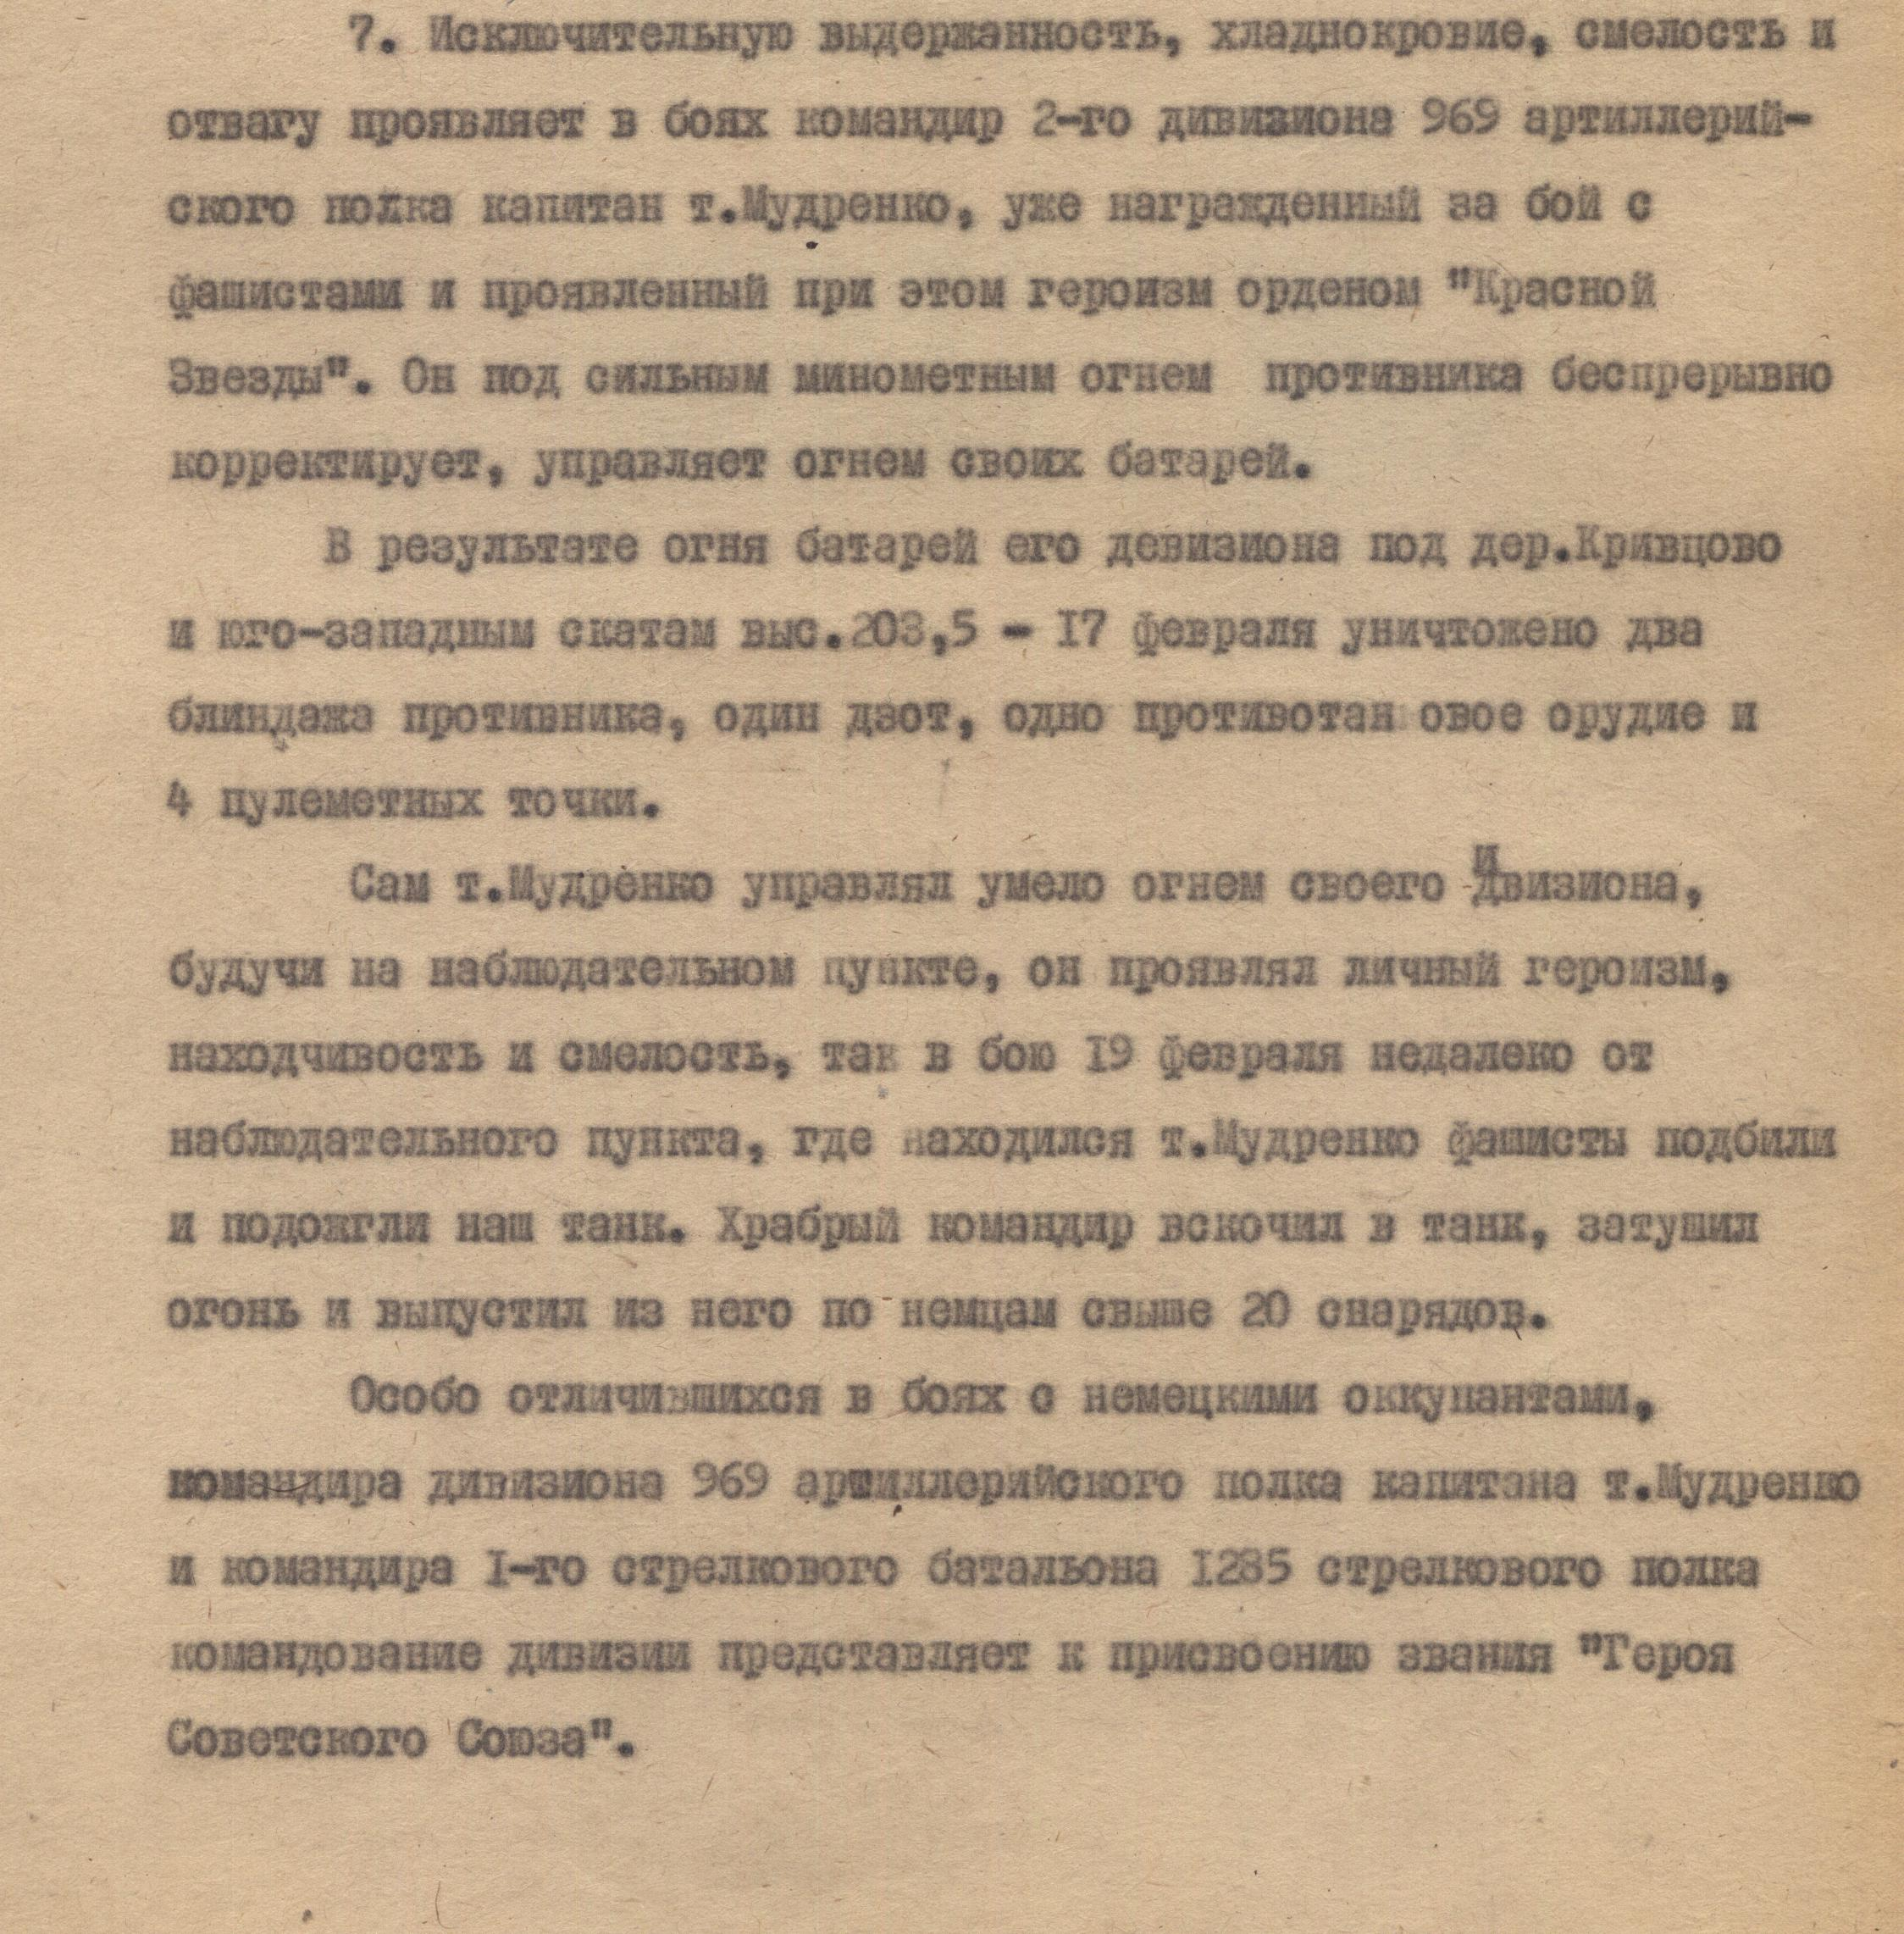 Массовый героизм бойцов Красной Армии во время ВОВ на примере одной операции